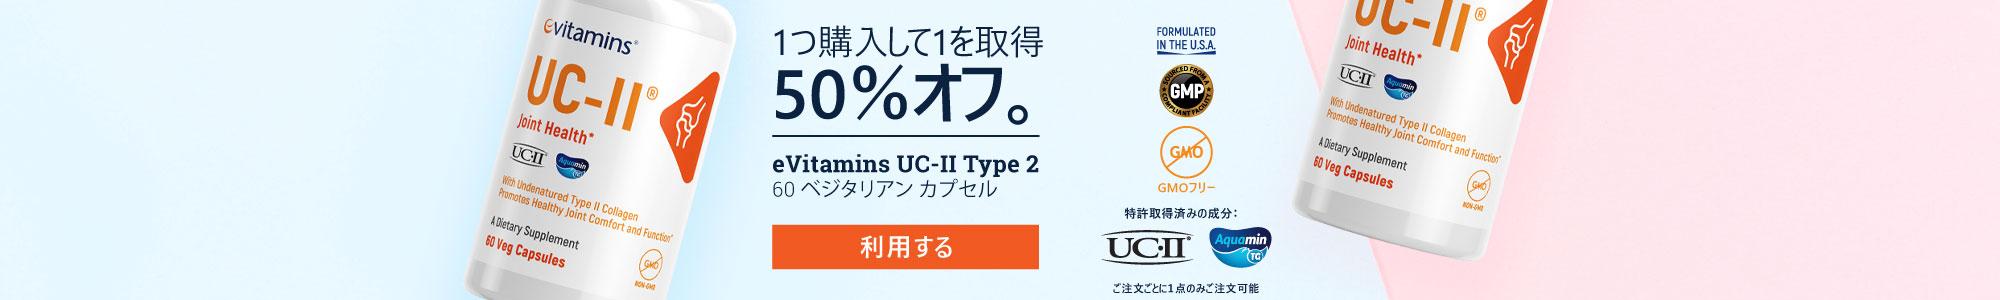 1つ購入して1を取得 50%オフ。 eVitamins UC-II Type 2 60 ベジタリアン カプセル 利用する GMOフリー 特許取得済みの成分: UC-II , Aquamin ご注文ごとに1点のみご注文可能